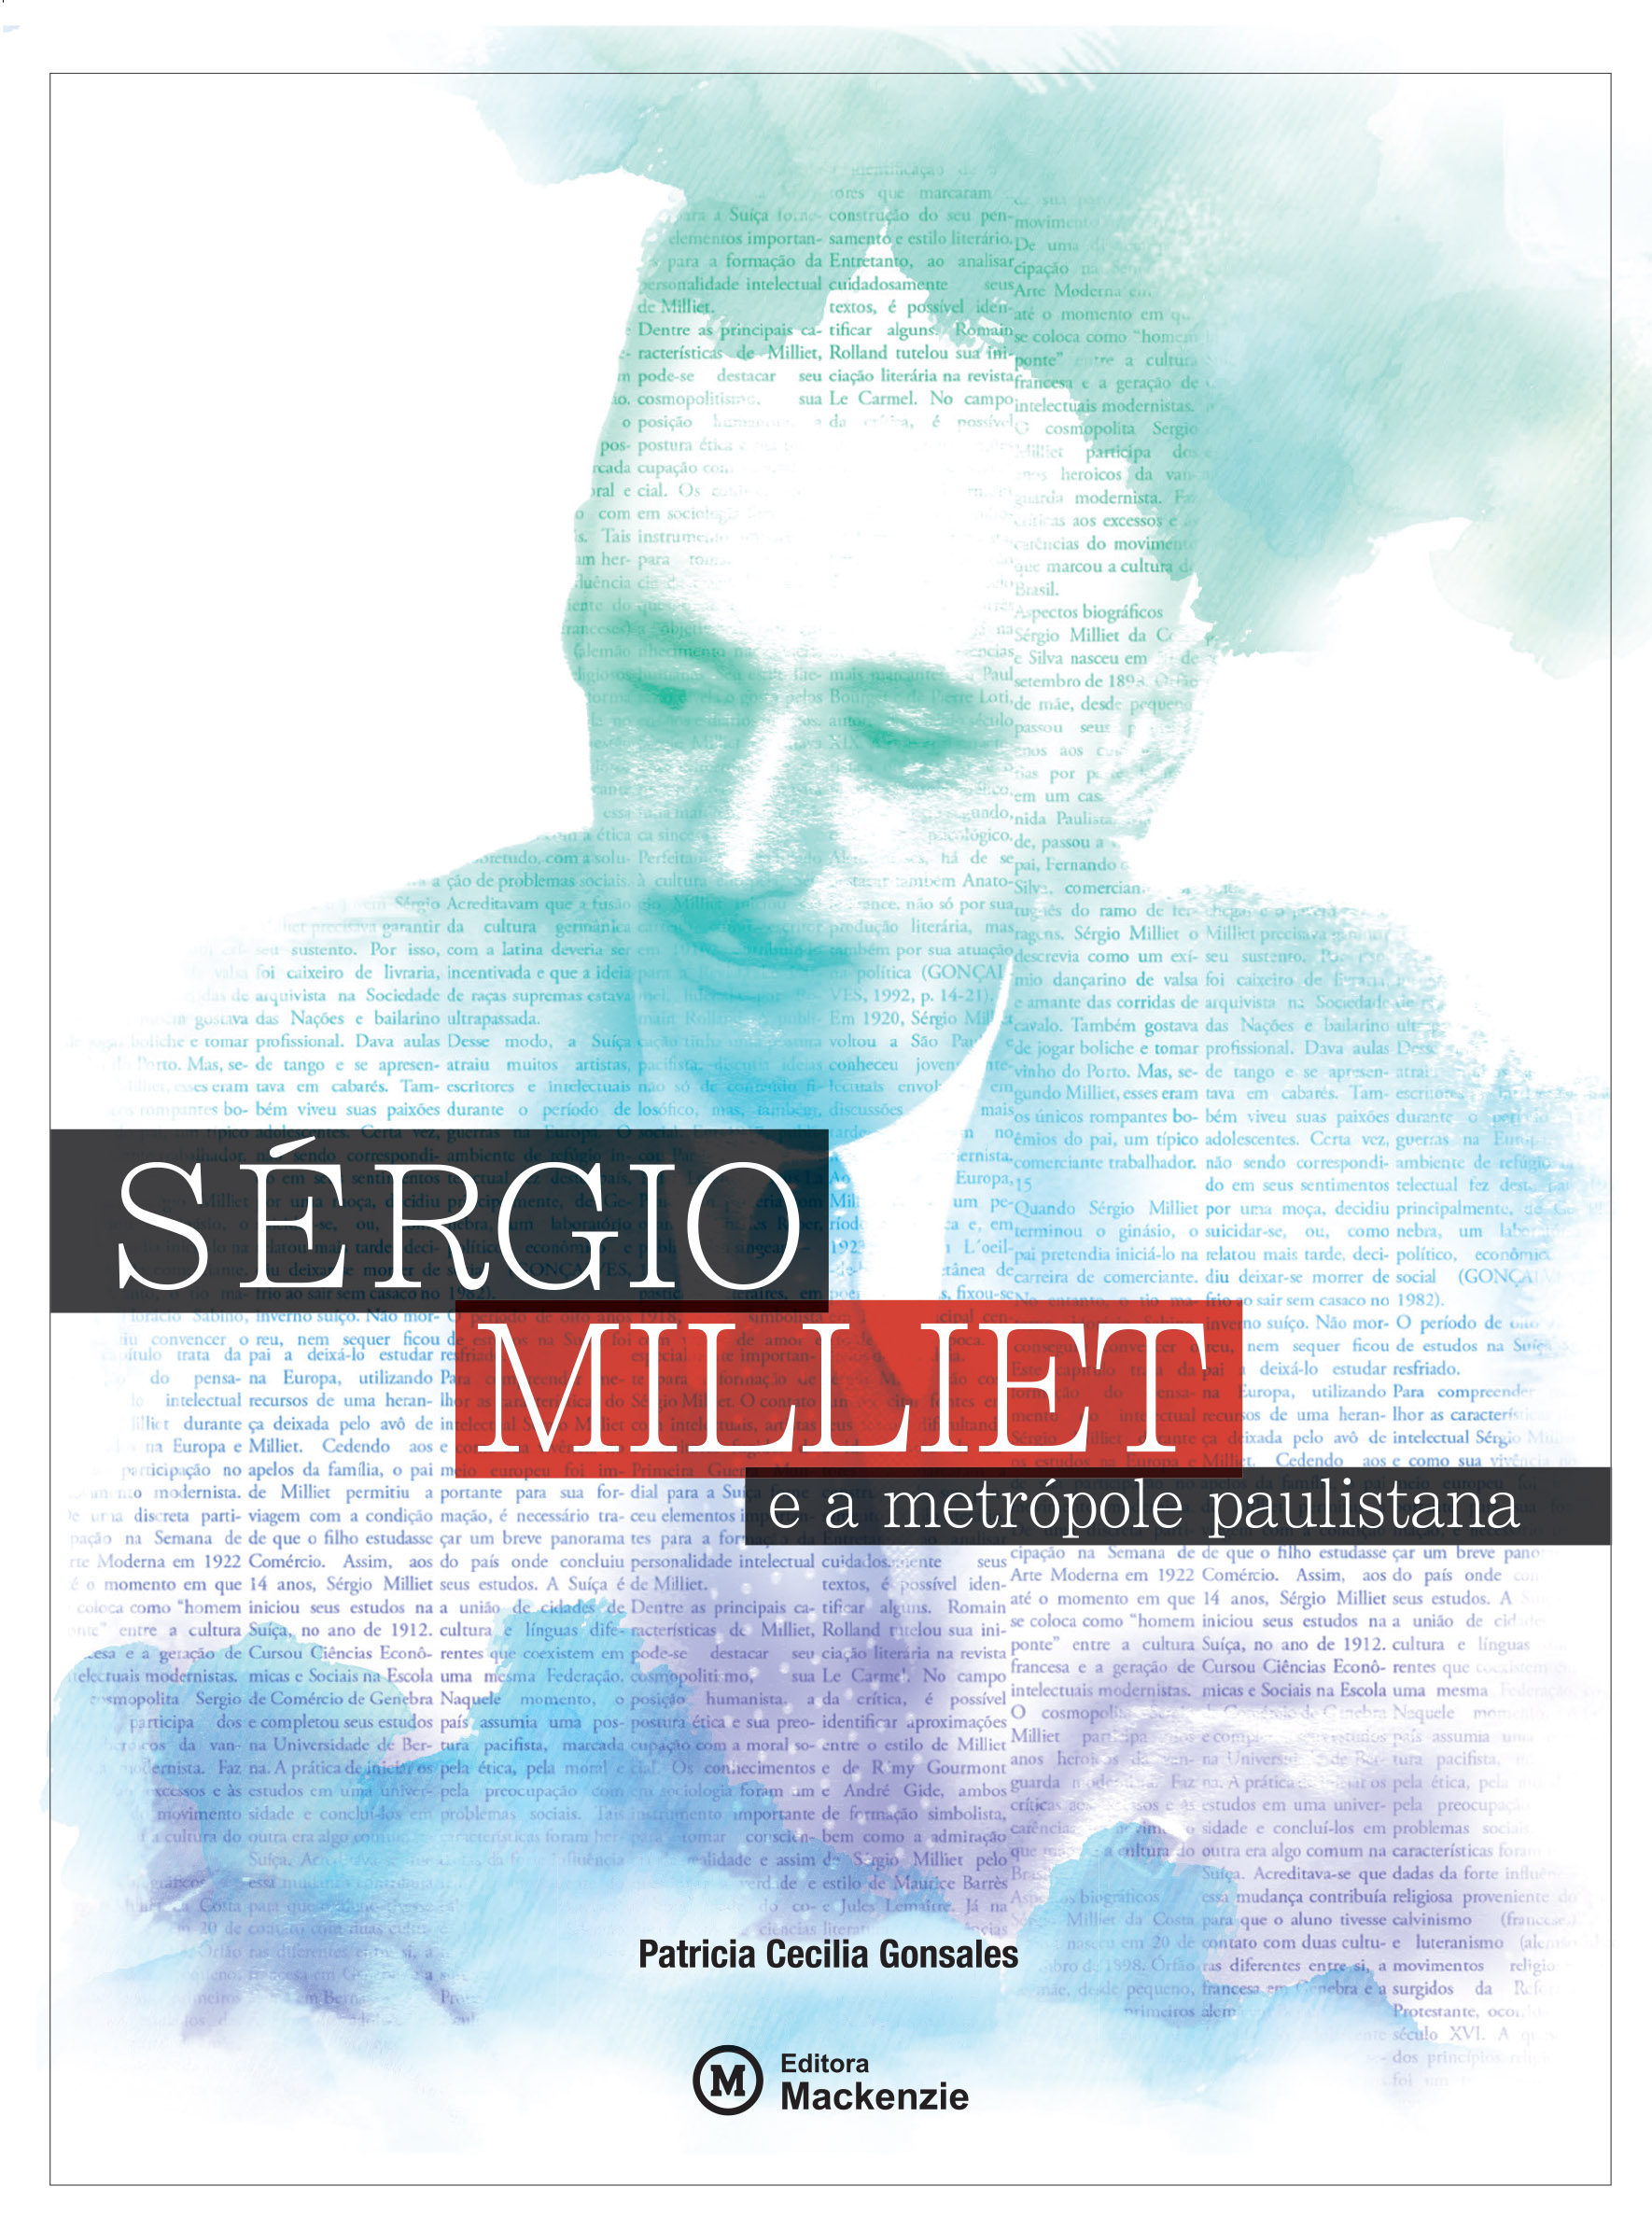 Sérgio Milliet e a metrópole paulistana, livro de Patricia Cecilia Gonsales